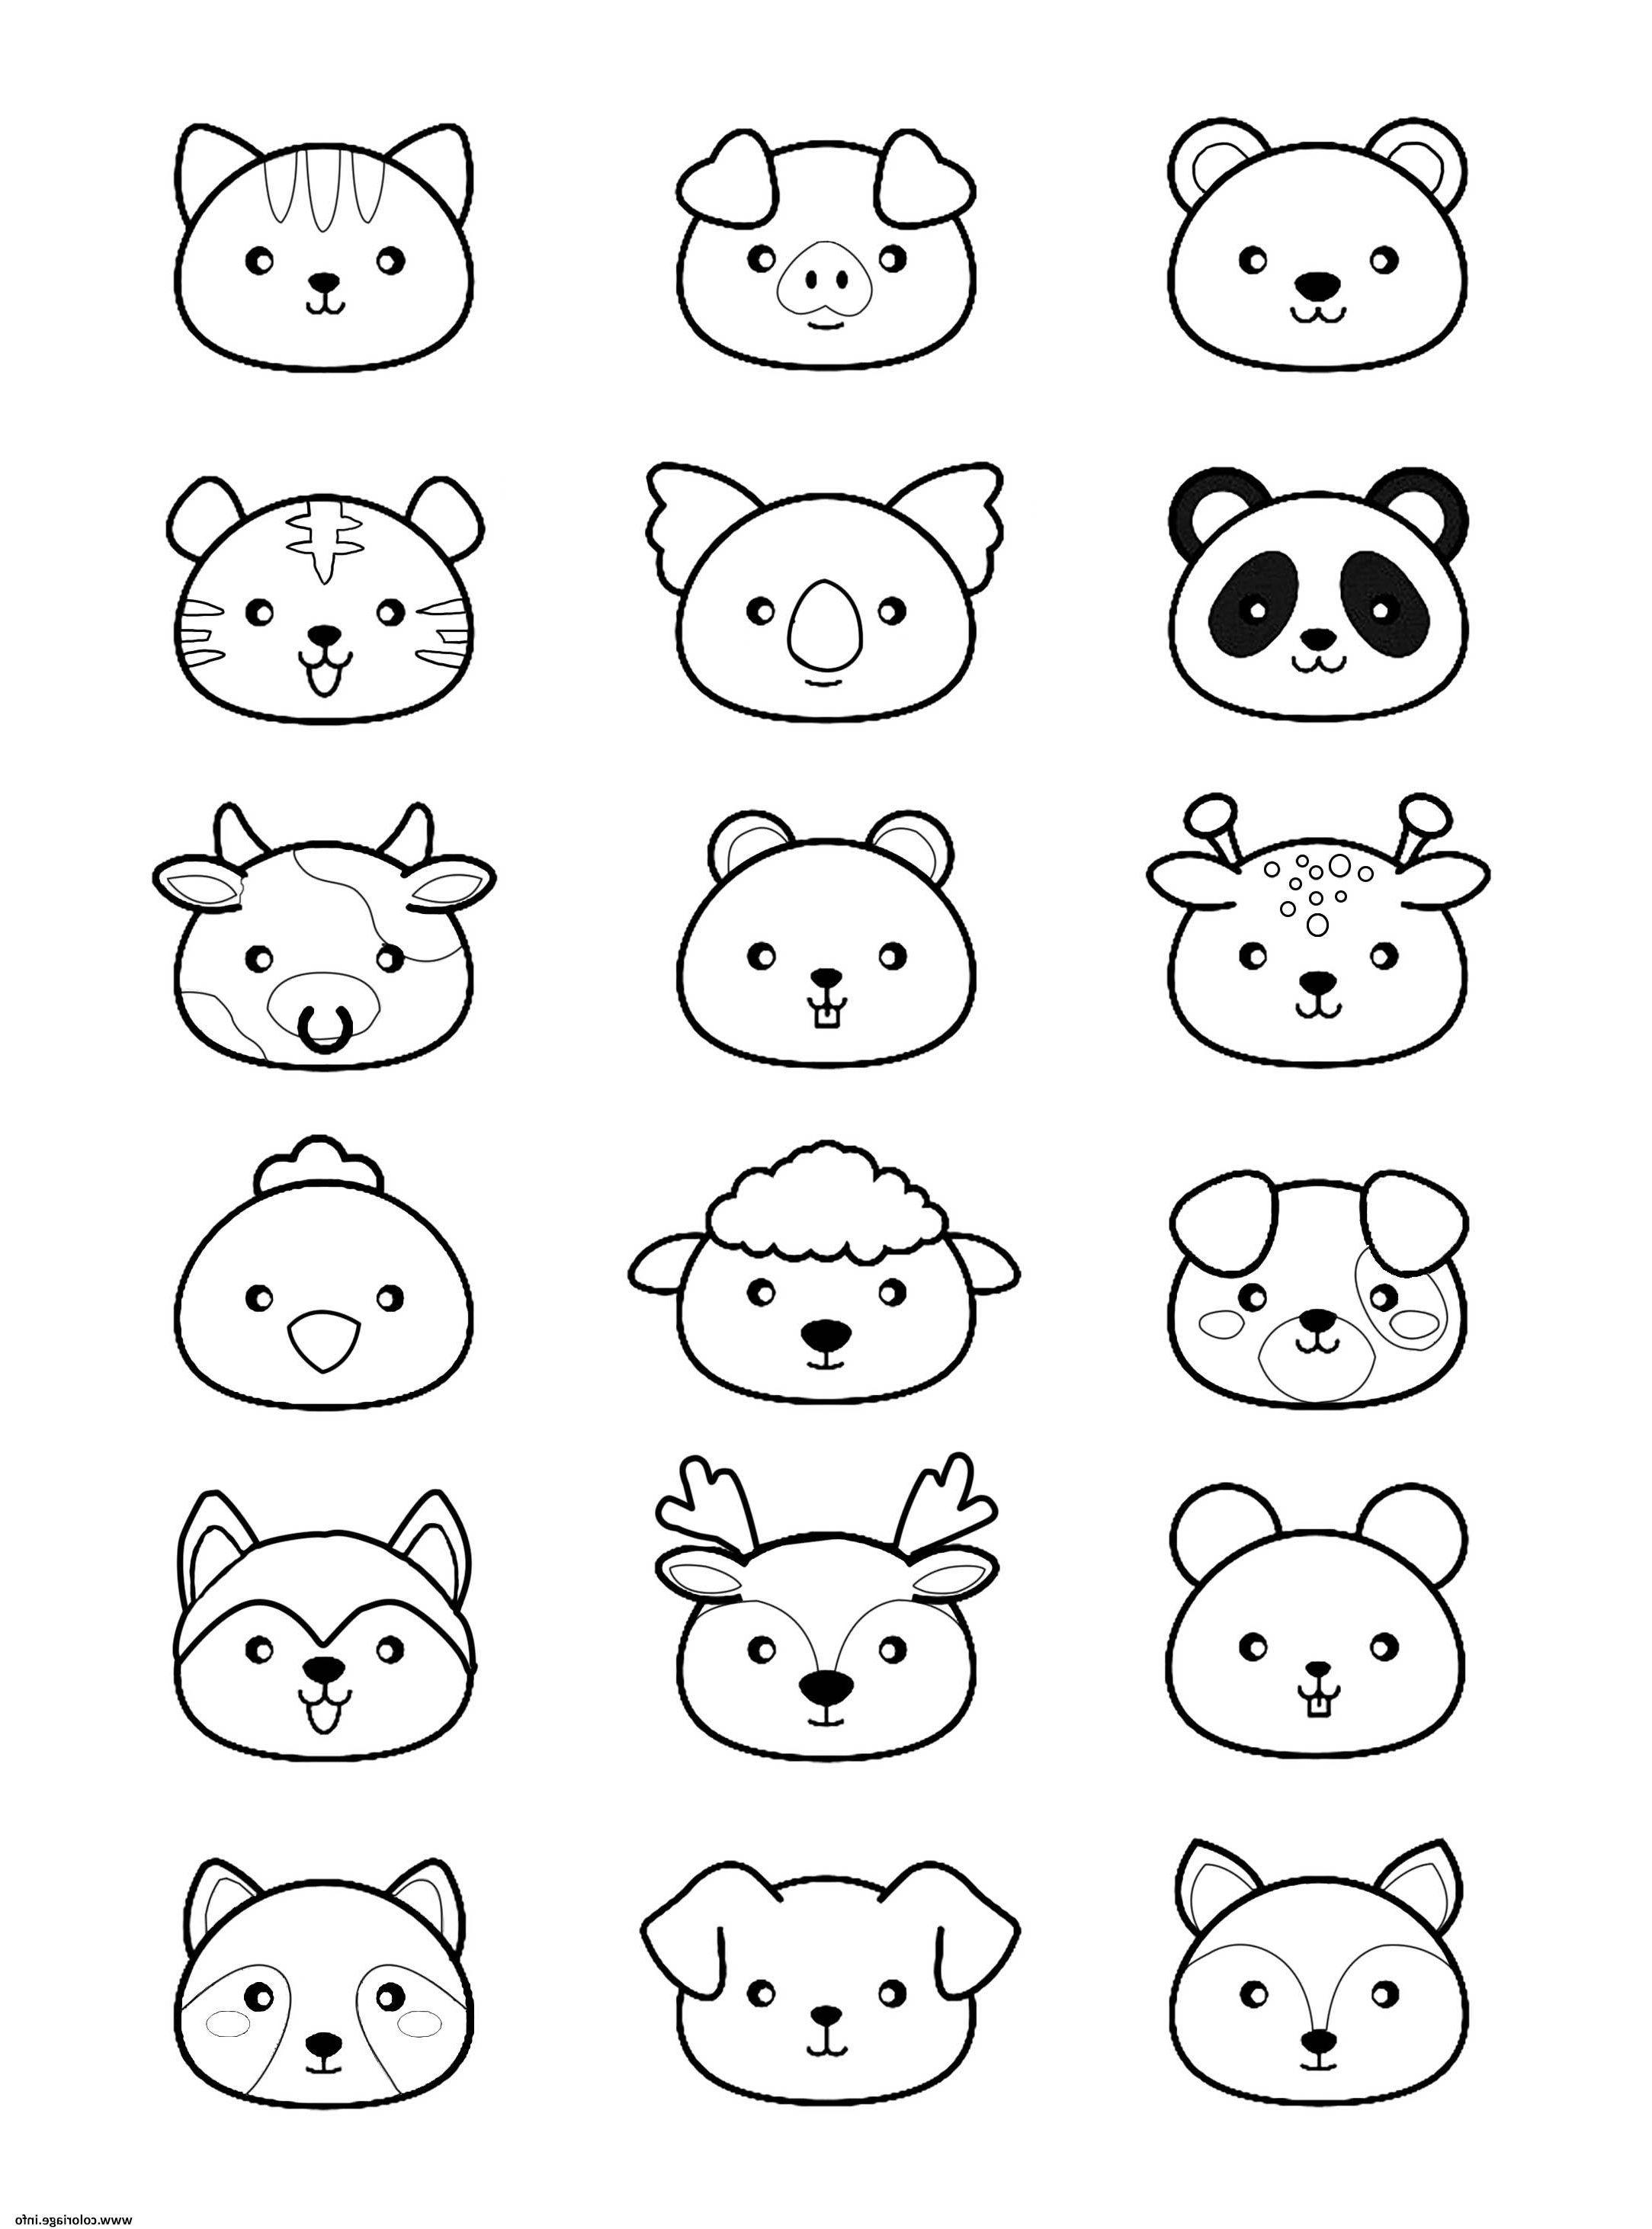 Dessin Kawaii A Imprimer : dessin, kawaii, imprimer, Coloriage, Kawaii, Imprimer, Génial, Animaux, Dessin, Kawaii,, Imprimer,